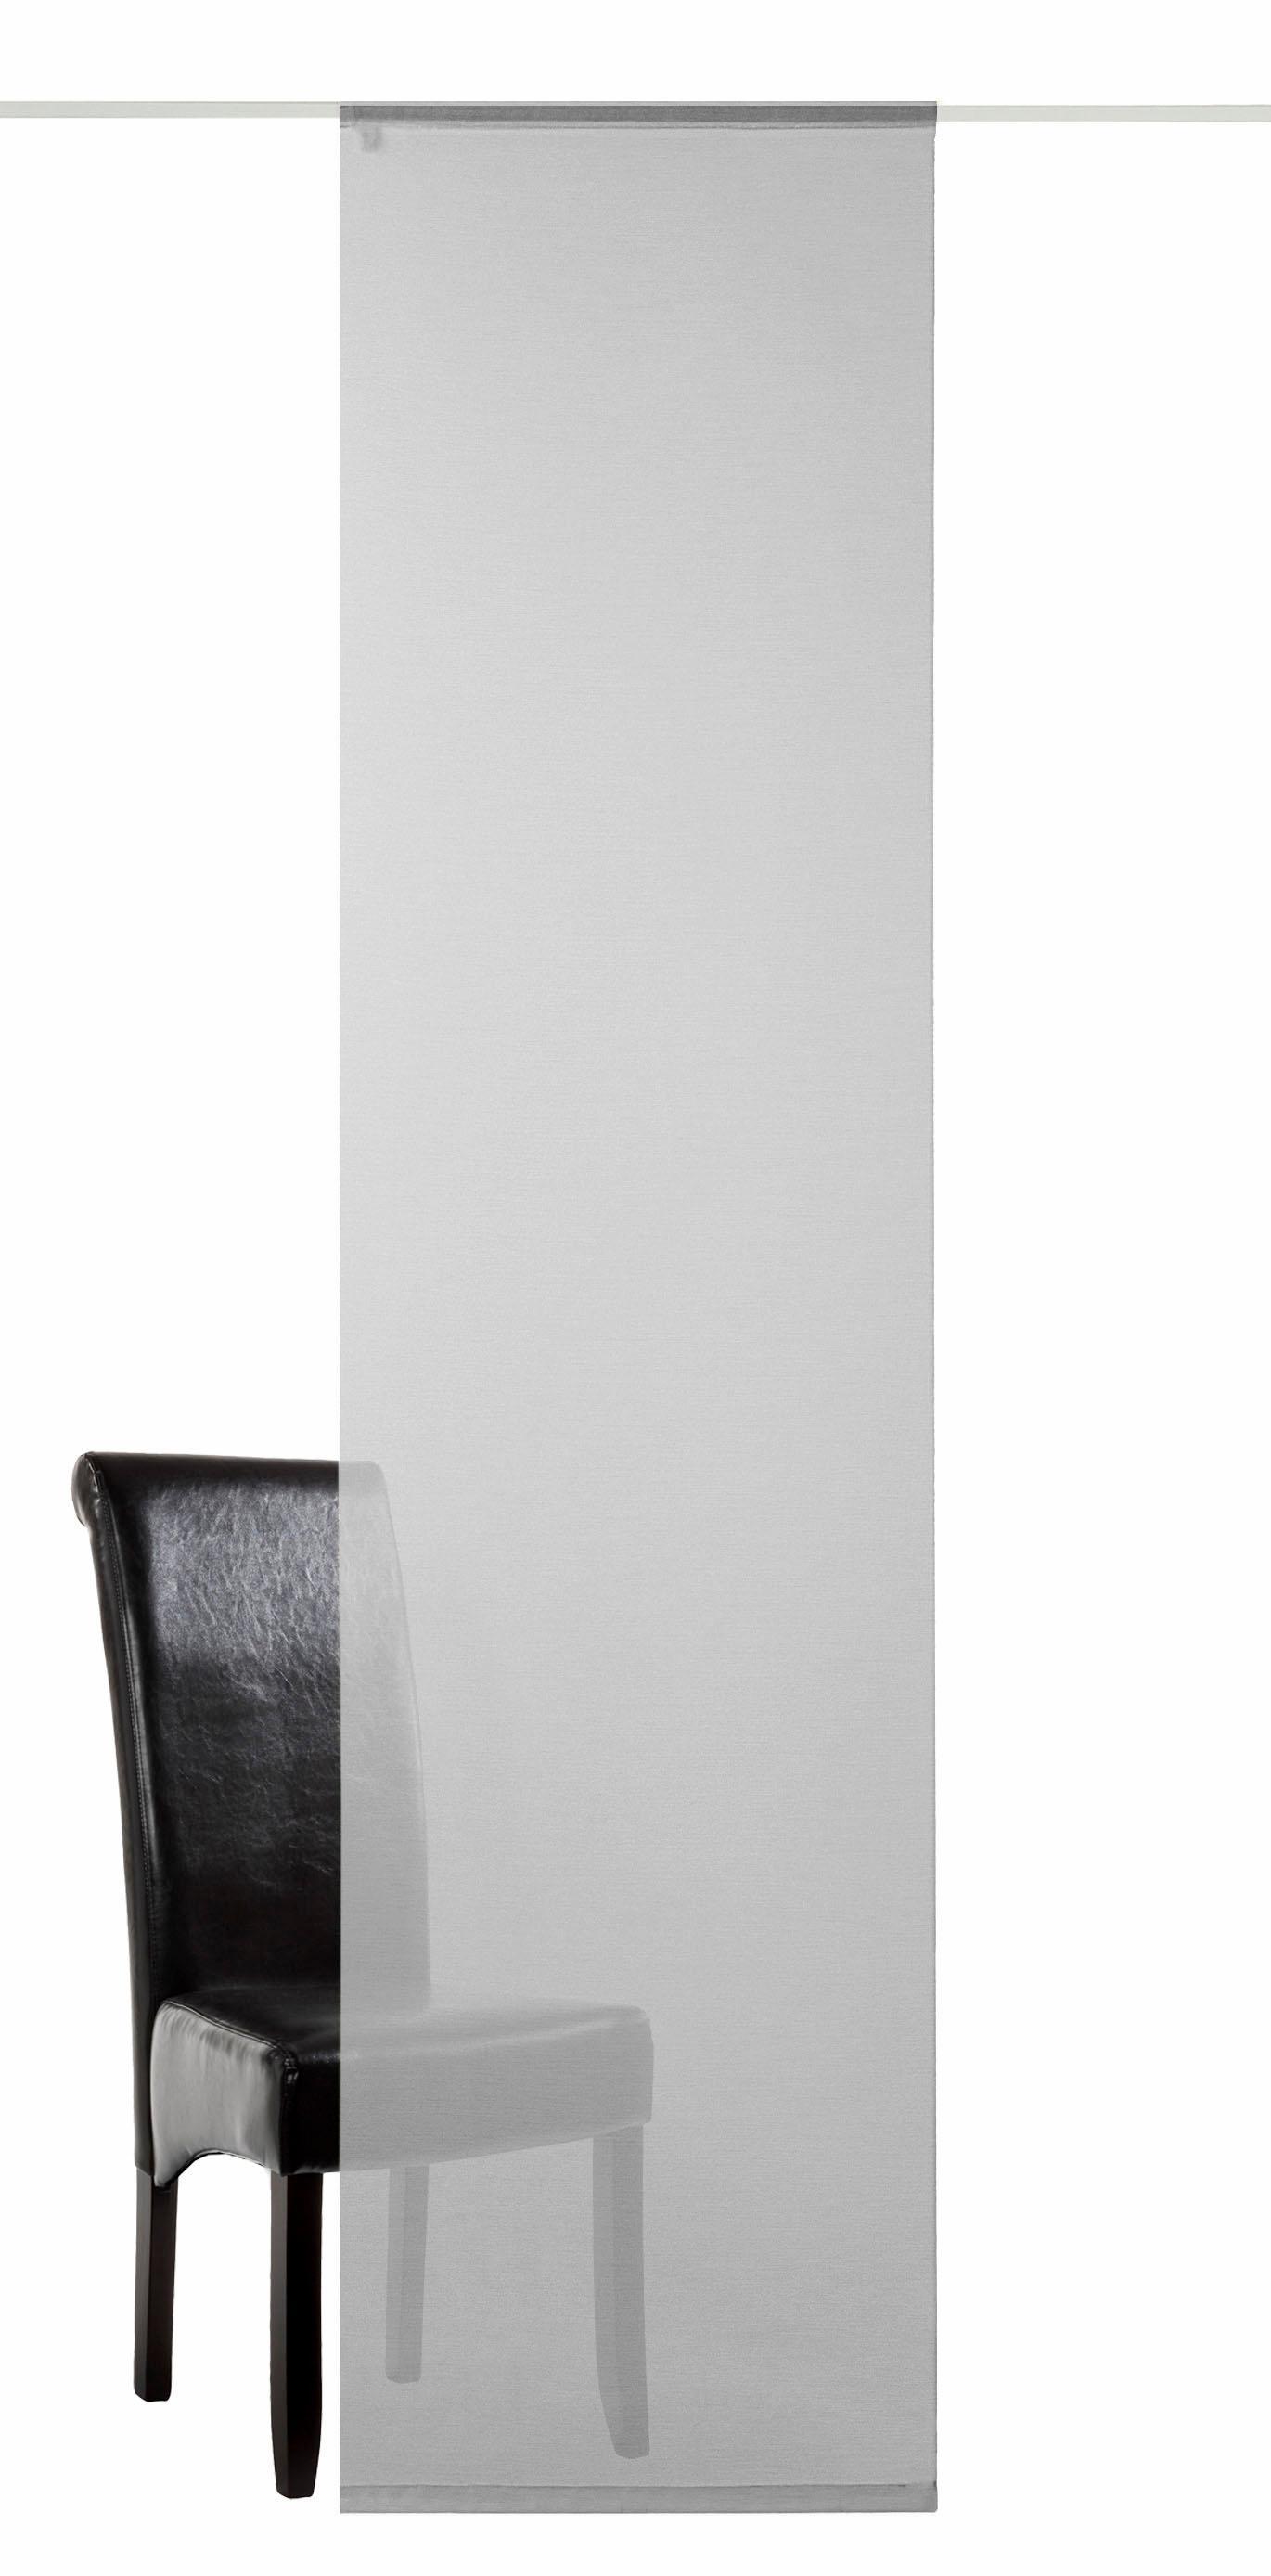 Schiebegardine deko trends Allure mit Klettband (1 Stück mit Zubehör)